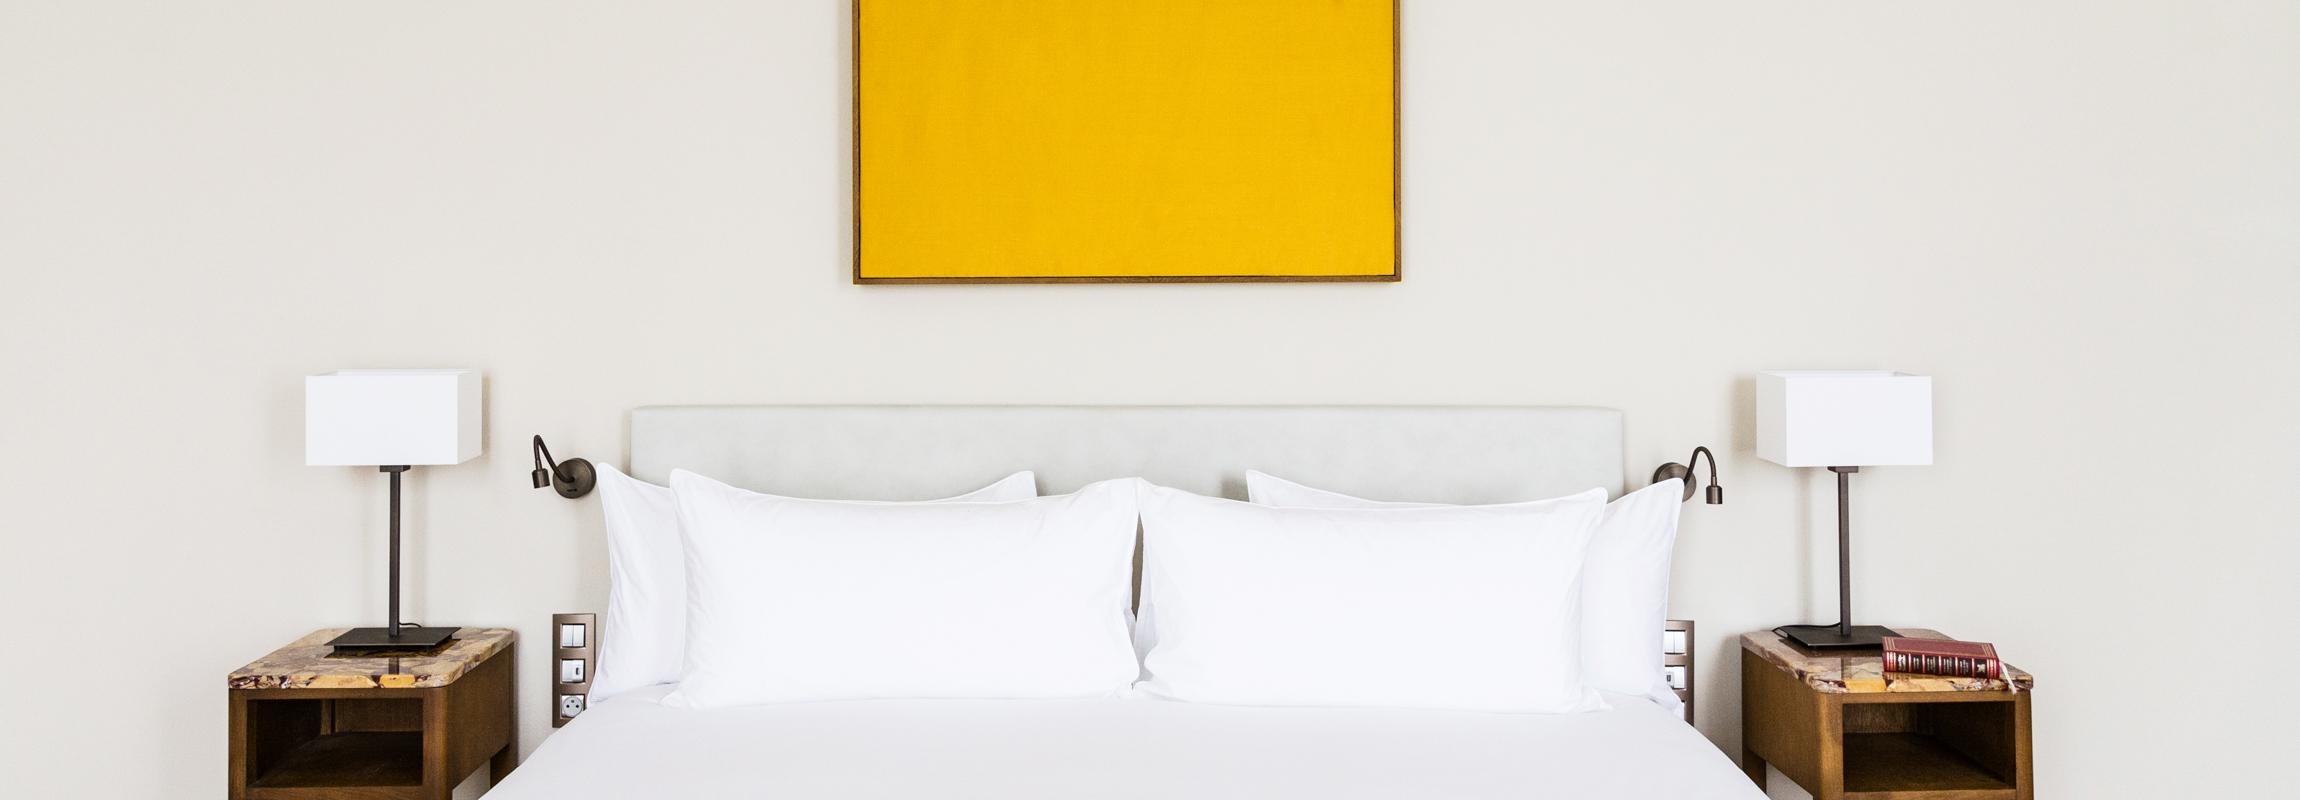 Les lits de l'Hôtel Château de Montcaud se trouvent sous un panneau de soie qui rappelle symboliquement les origines du château : Des rêves soyeux devraient accompagner vos nuits en Provence, dans le sud de la France.